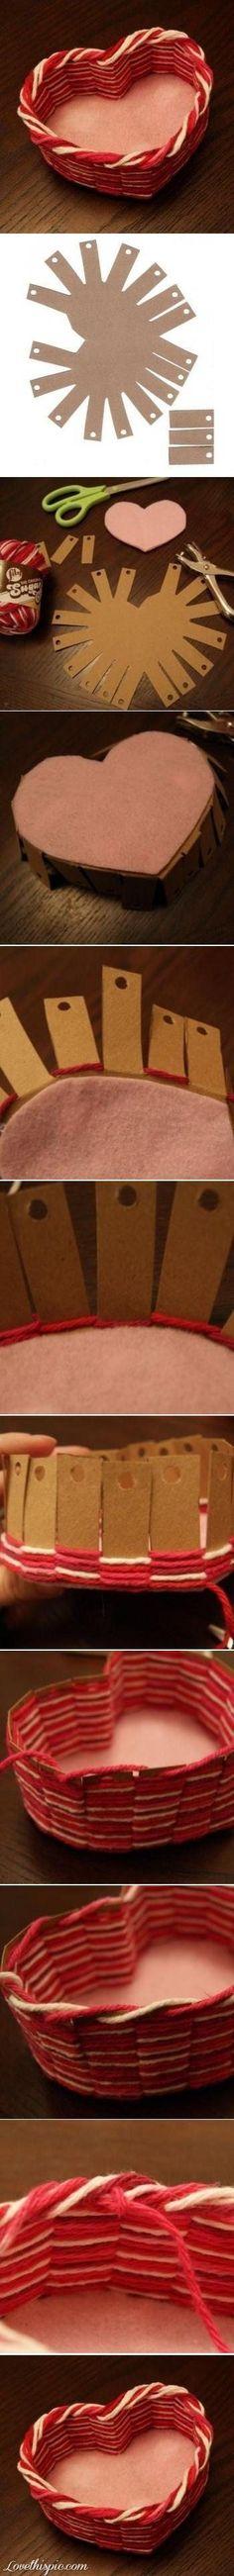 手工diy来自十三月的童话的图片分享-堆糖;